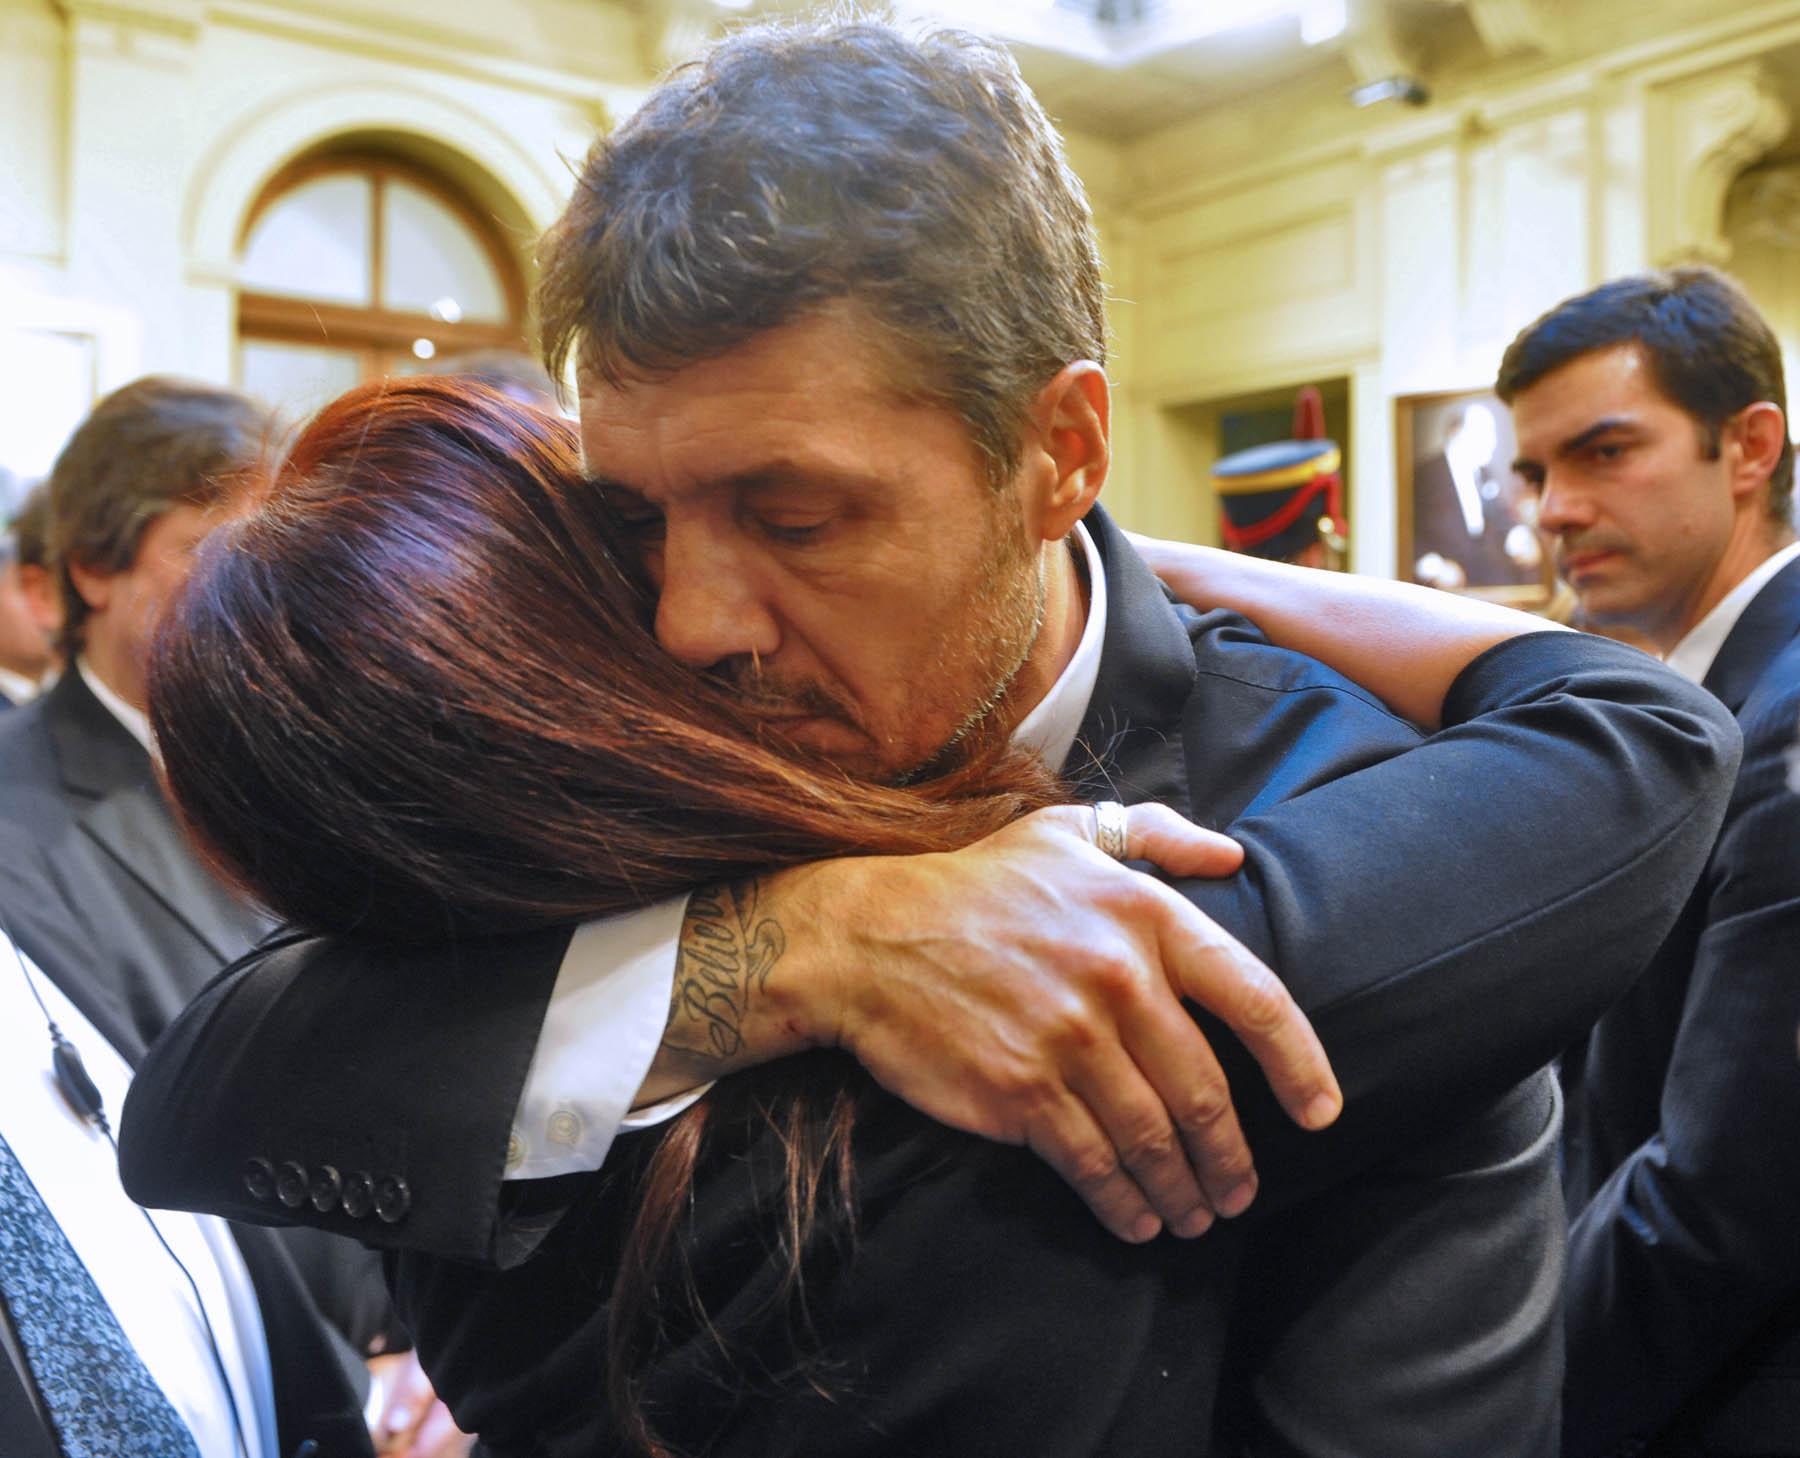 http://upload.wikimedia.org/wikipedia/commons/d/df/Marcelo_Tinelli_funeral_Nestor_Kirchner.jpg